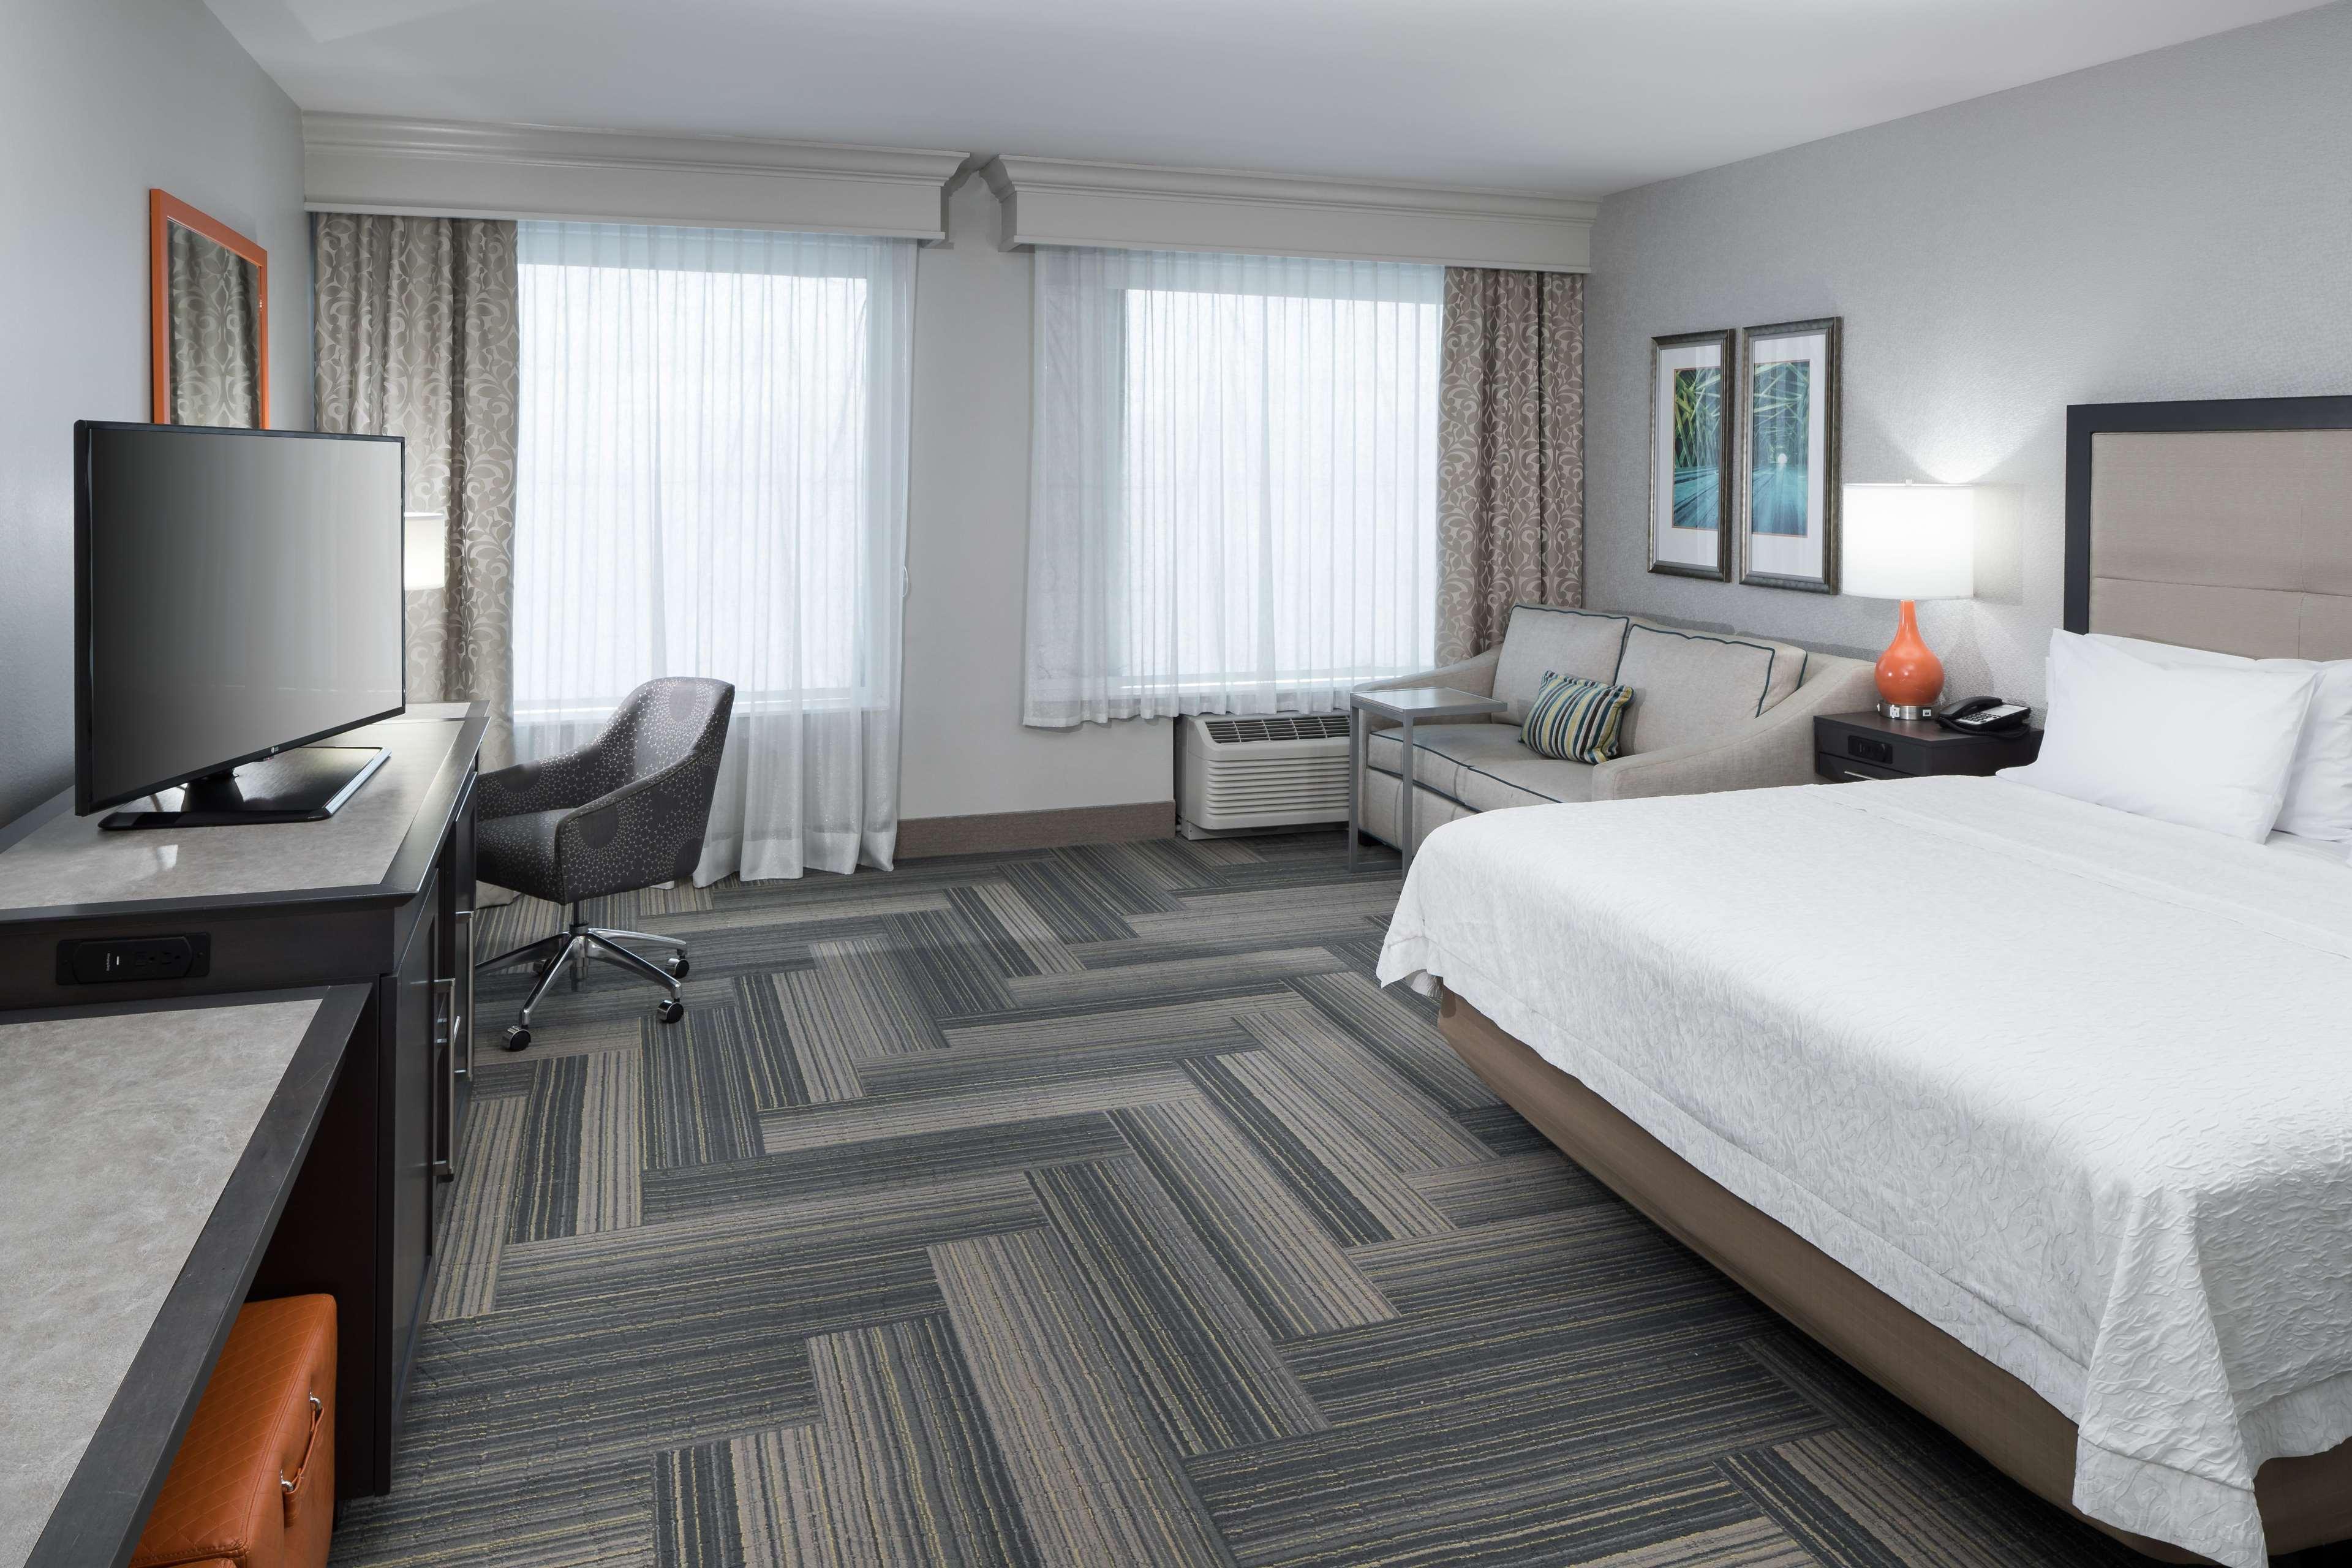 Hampton Inn & Suites by Hilton Atlanta Perimeter Dunwoody image 29